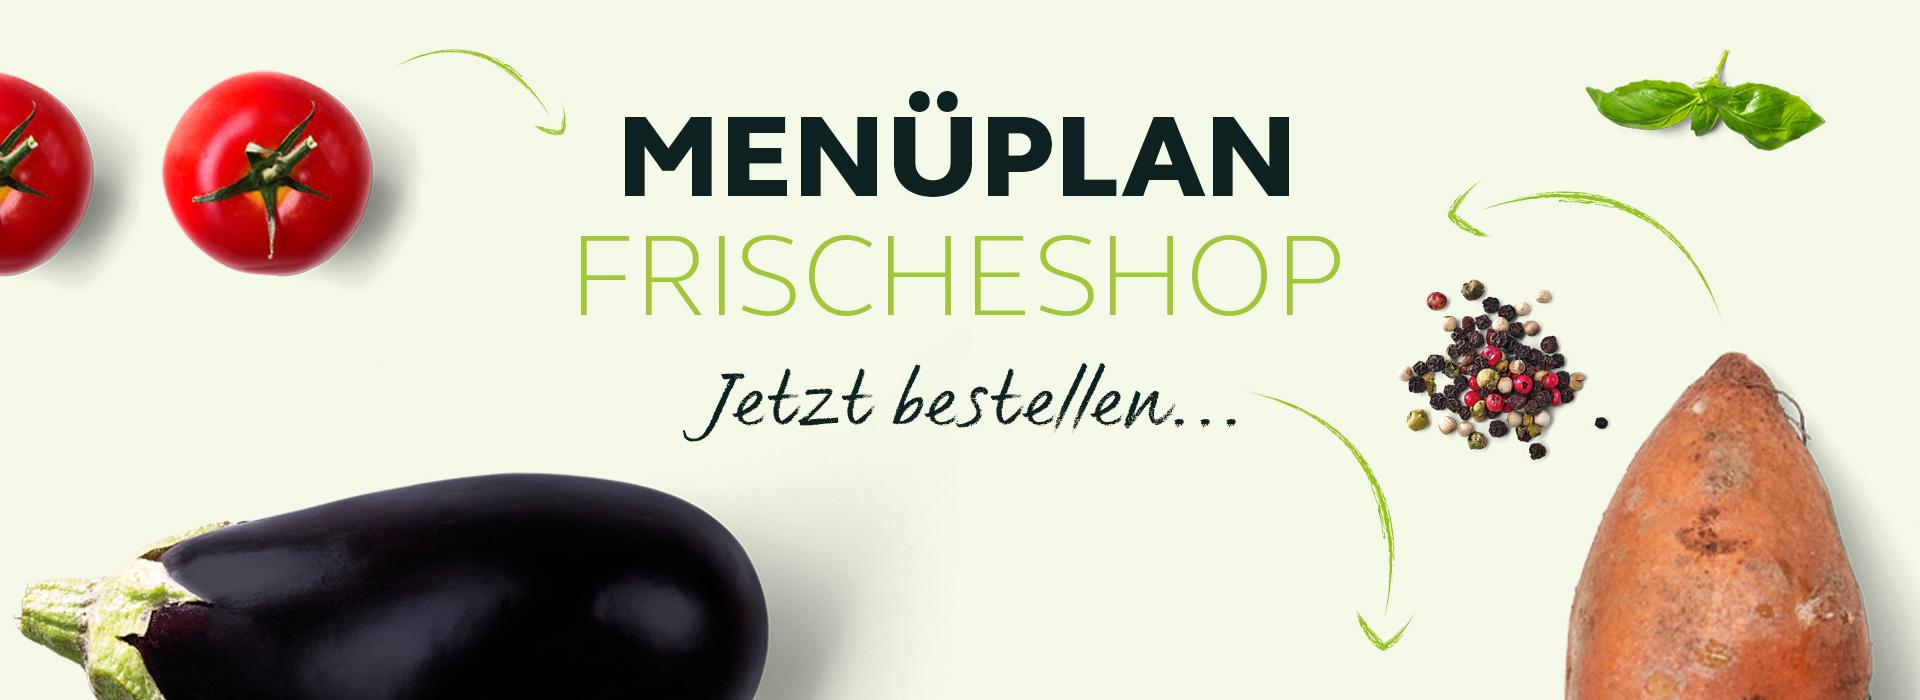 MENÜPLAN Frischeshop Banner – Jetzt bestellen